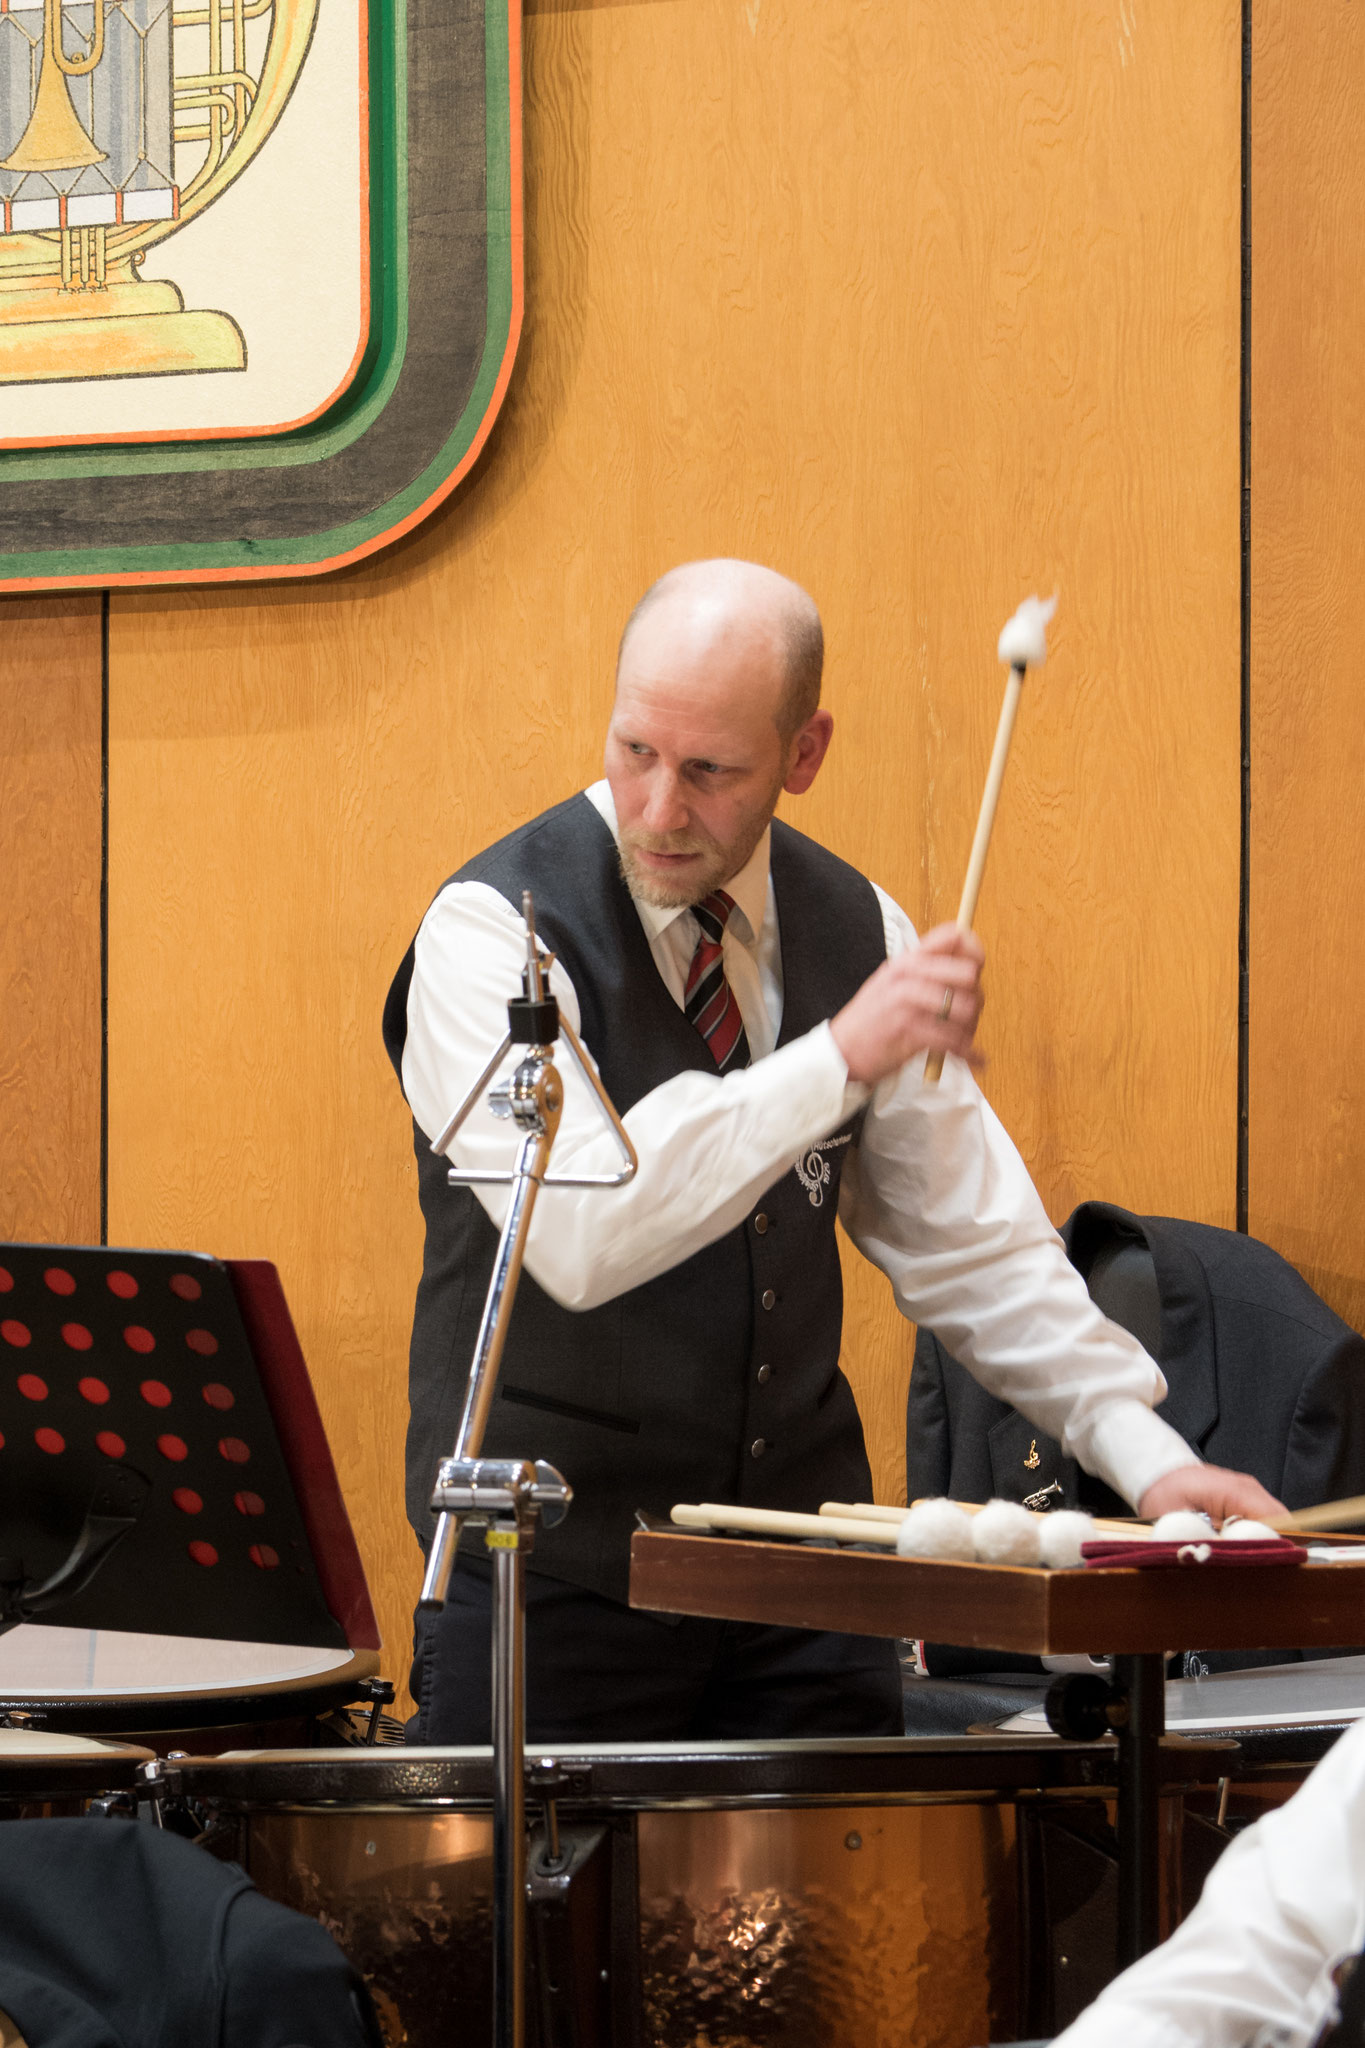 Thomas spielt an diesem Konzert Pauke statt sonst Tuba, aber auch das kann er wirklich gut.